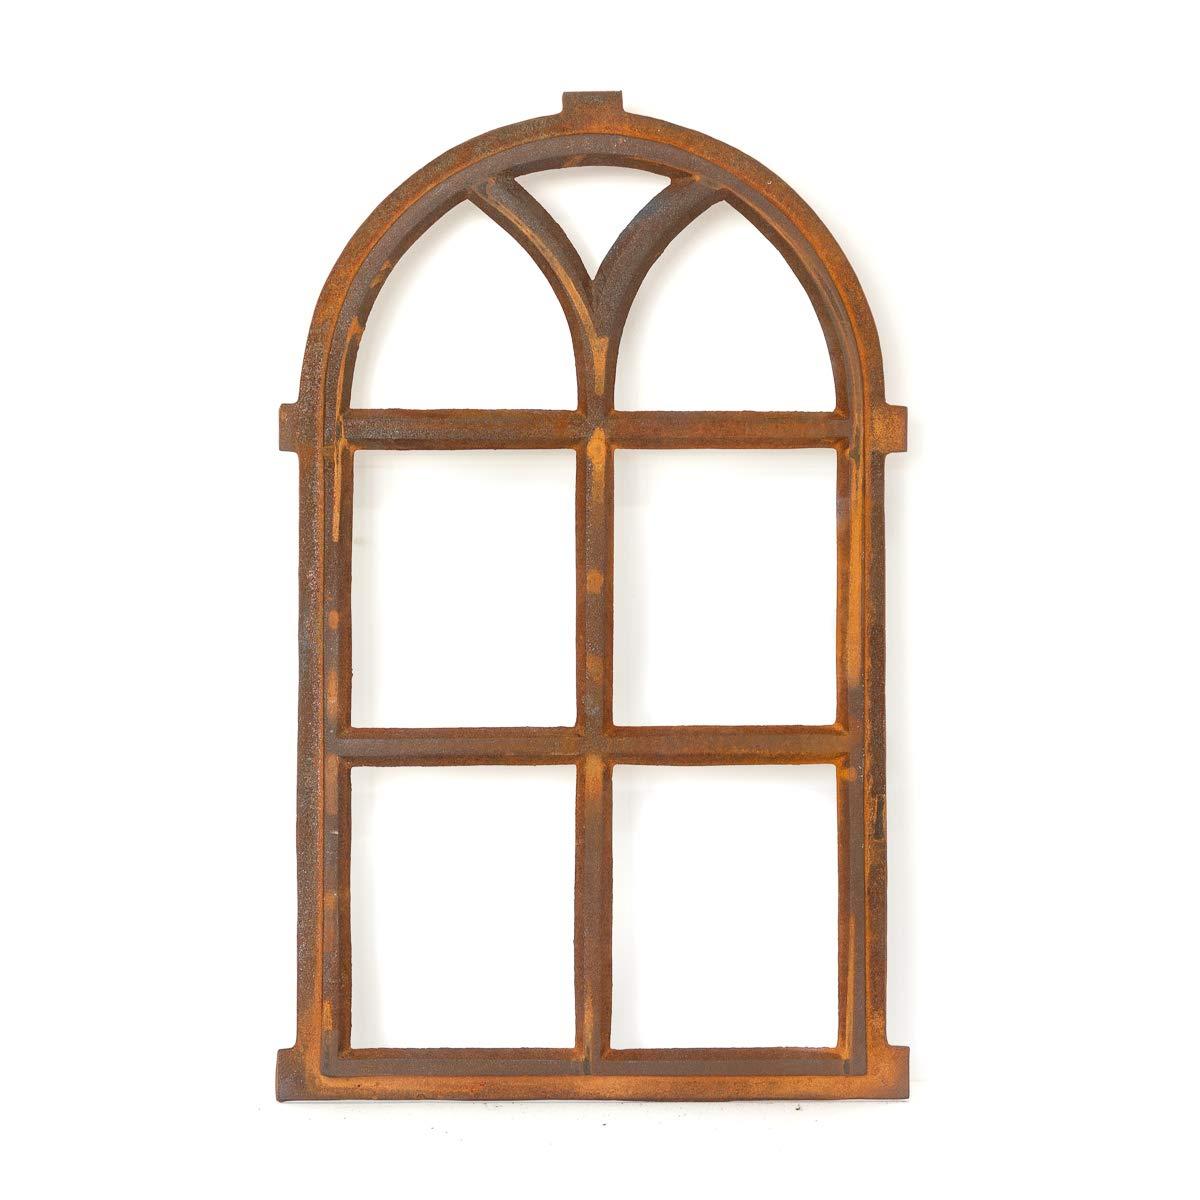 Antikas - ventana hierro fundido con arco de medio punto para muro de jardí n - ventana rú stica de 66 x 39